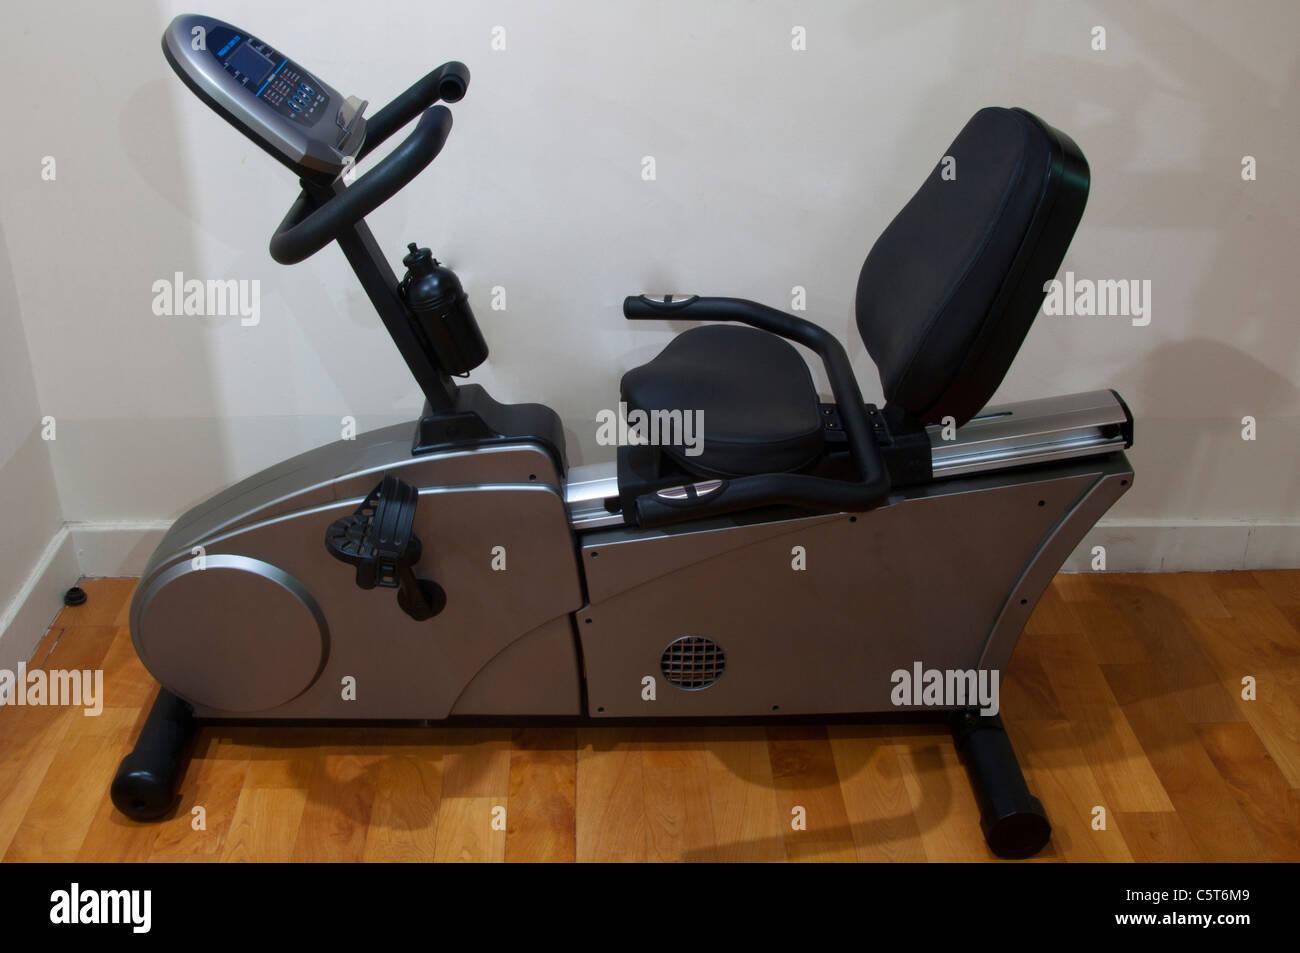 Ciclismo Bicicleta de ejercicio en un gimnasio de la máquina Imagen De Stock